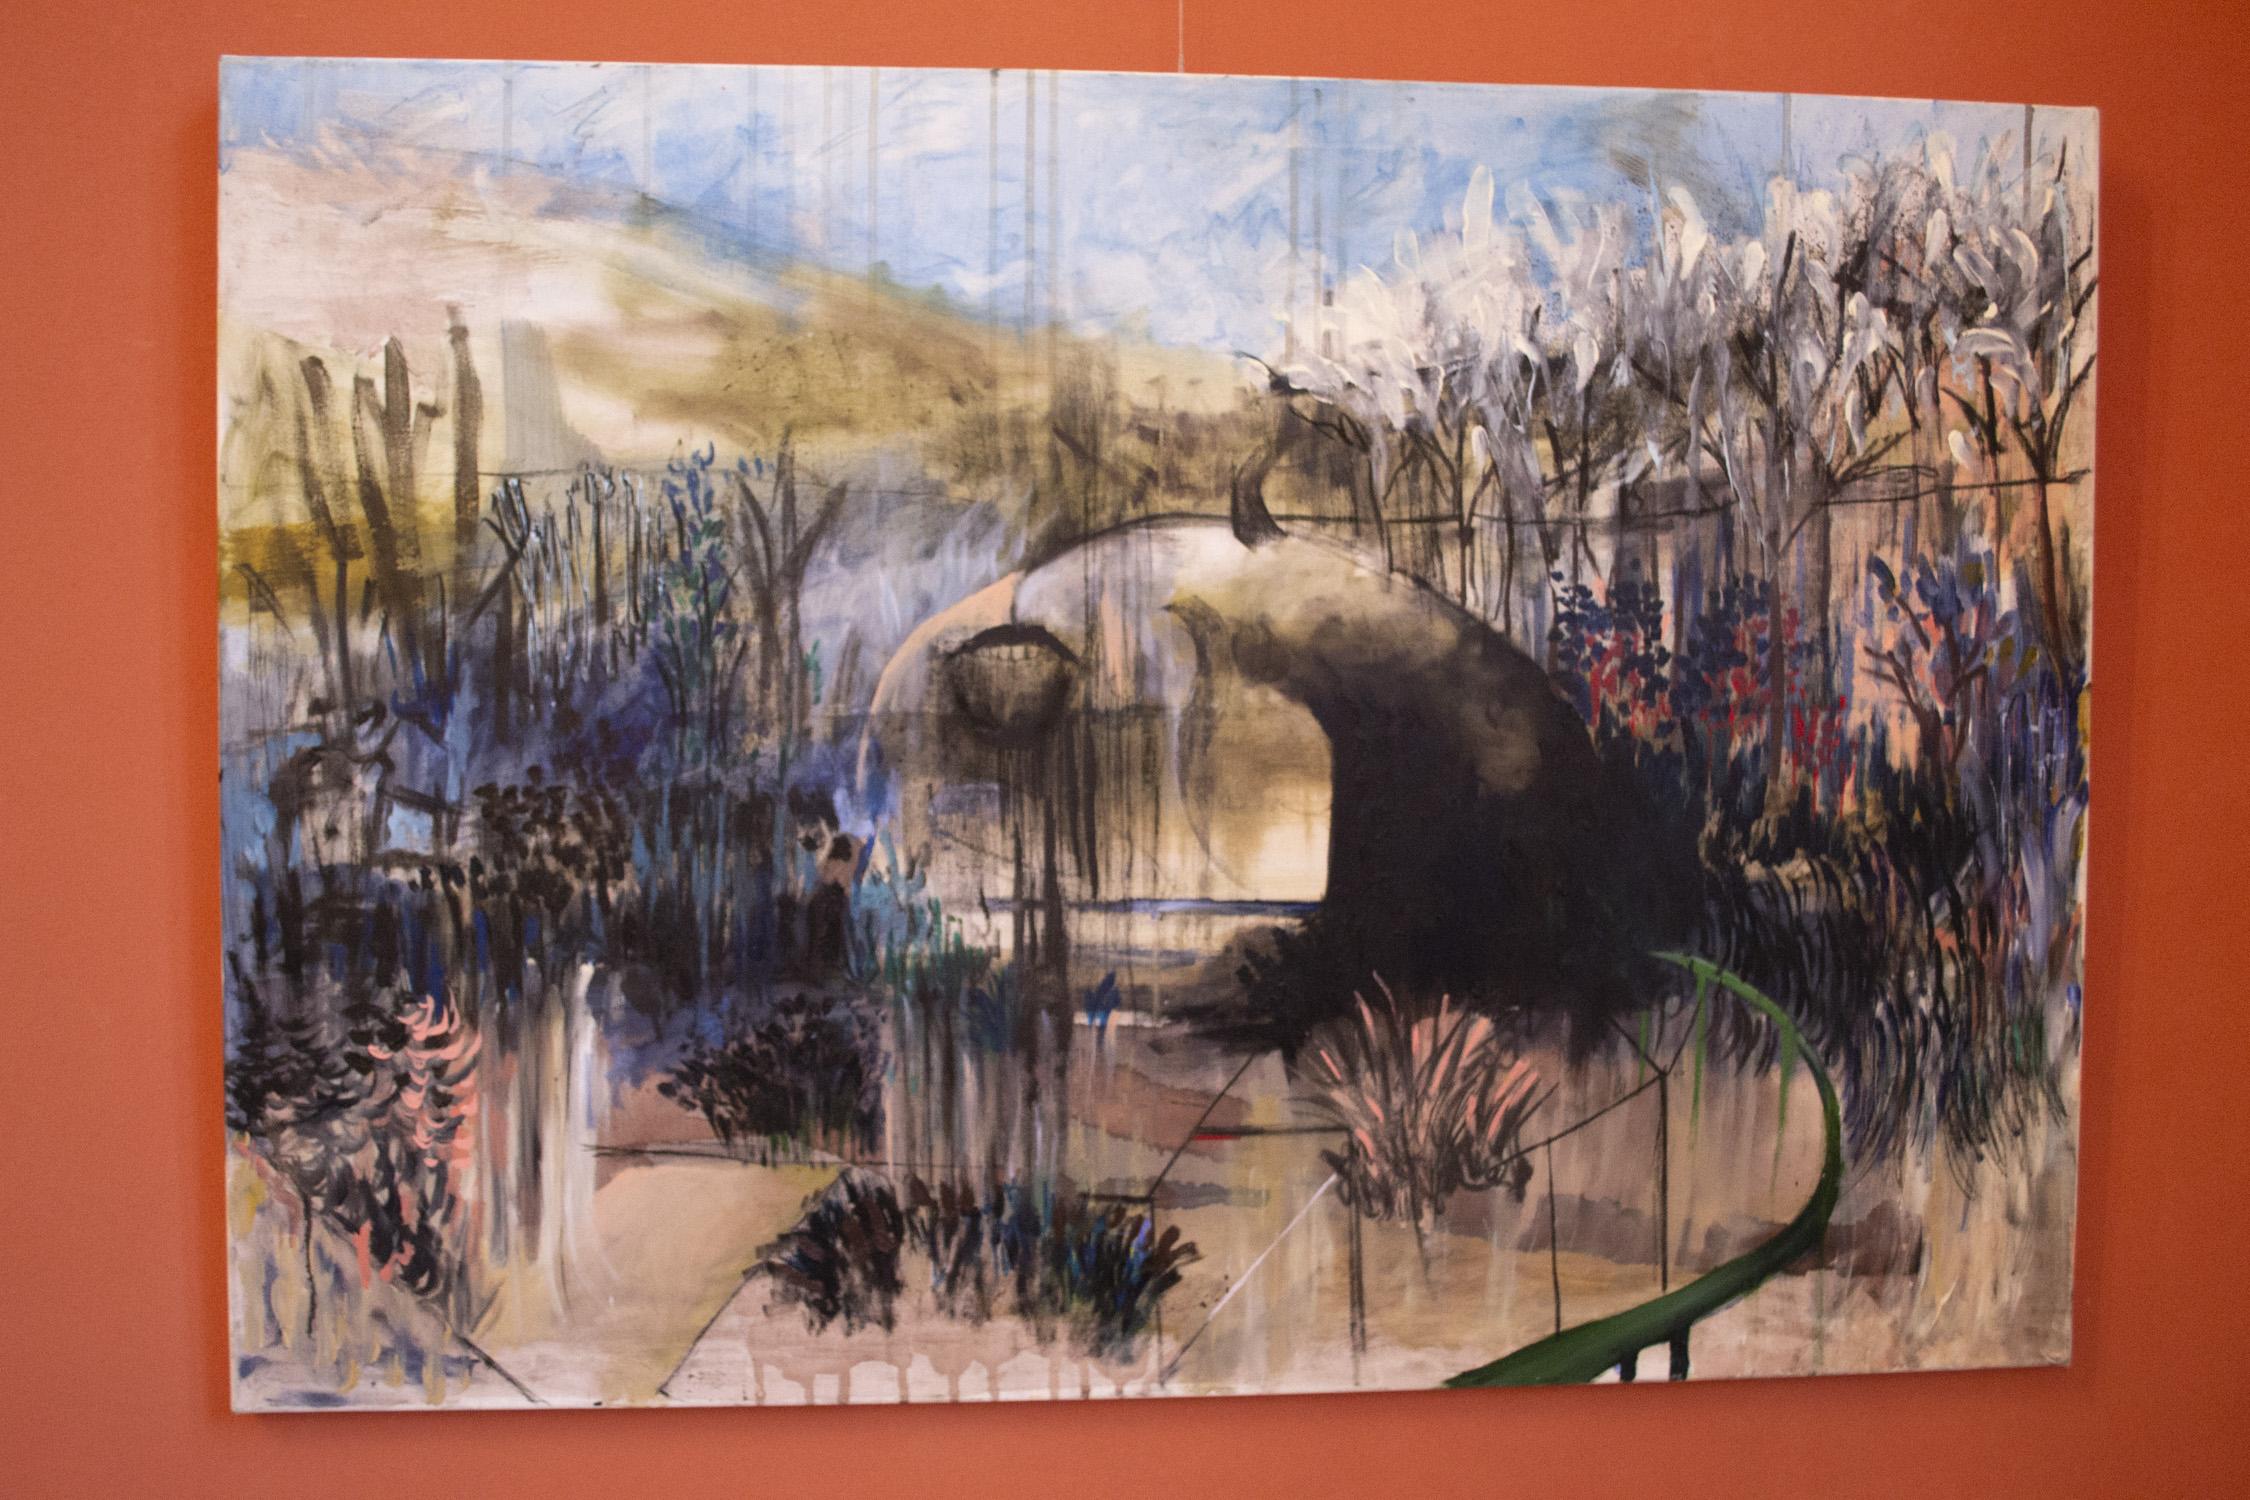 Grădină - Alexandra Câmpianu Inspirată fiind de picturile lui Francis Bacon și folosind o tehnică care-i este dragă, pictura în ulei, Alexandra creează imagini parcă desprinse din universul lui Hieronymus Bosch.